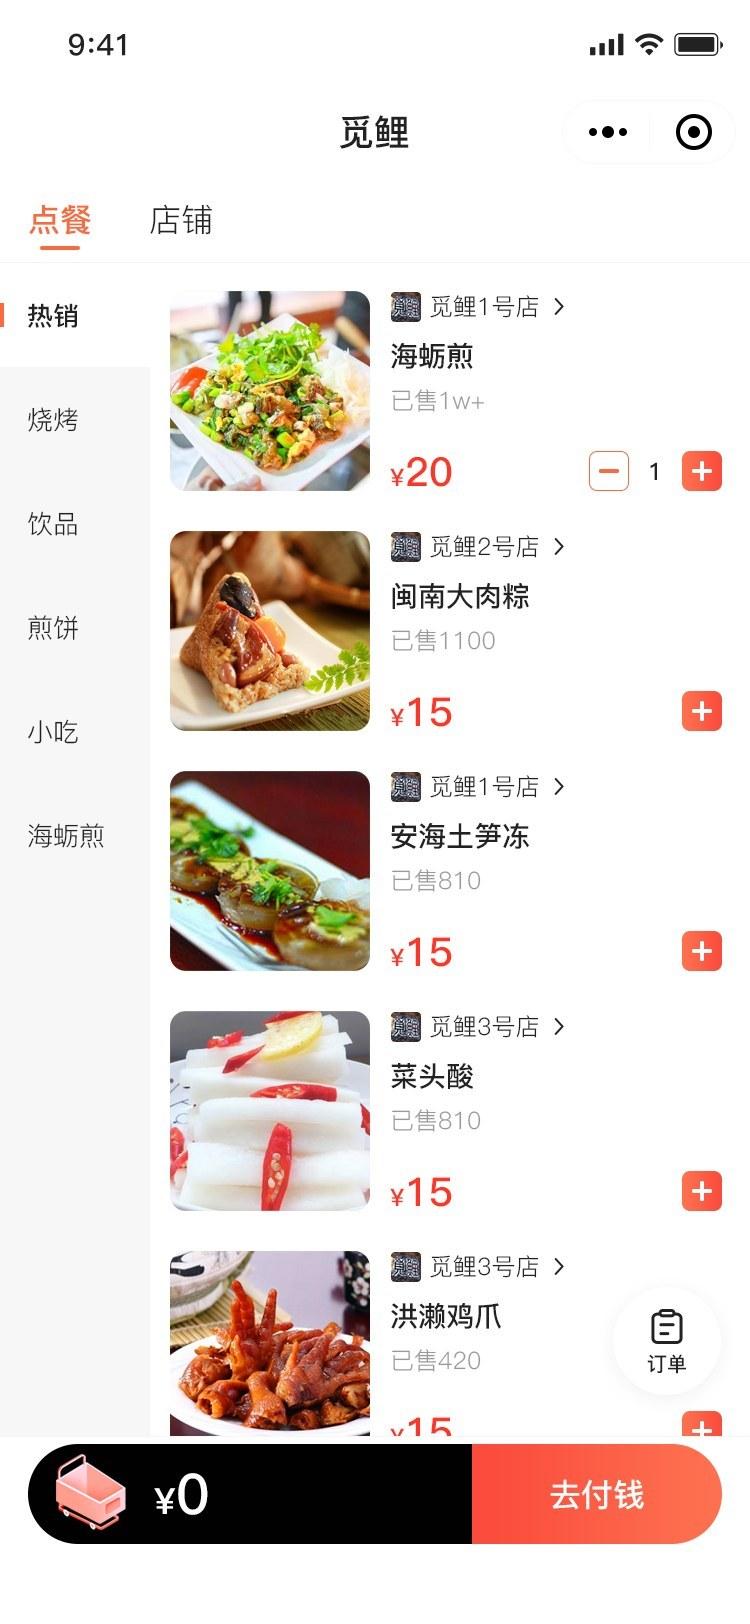 微信点餐小程序 多商户 物联网 自动打单 自定义桌号